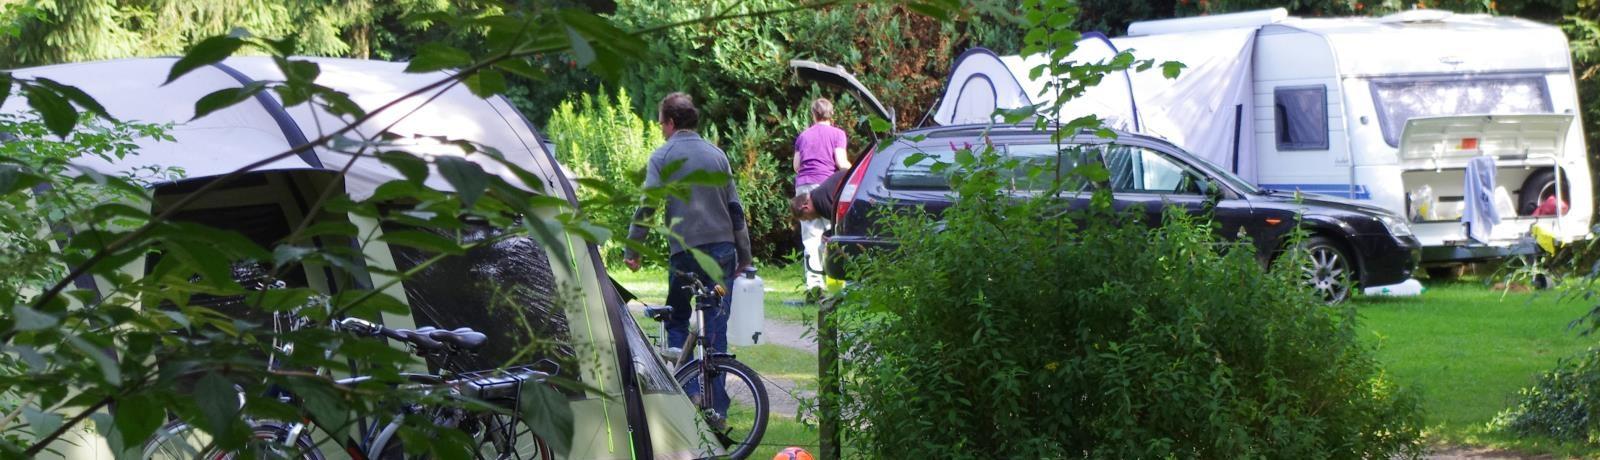 Aux Sources De Lescheret is een fijne kleine natuurcamping op het platteland in Vaux-sur-Sûre in de regio Wallonië met 44 toerplaatsen en 5 huuraccommodaties.